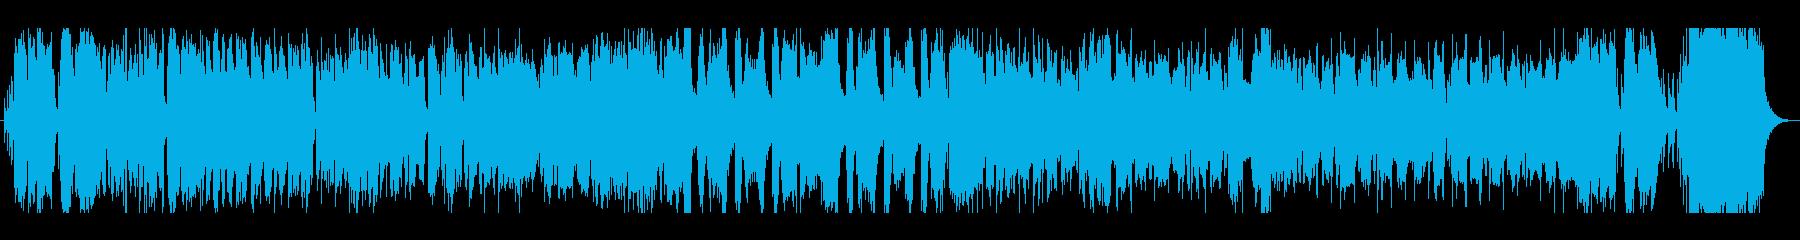 軽快で疾走感のあるジャズ風BGMの再生済みの波形